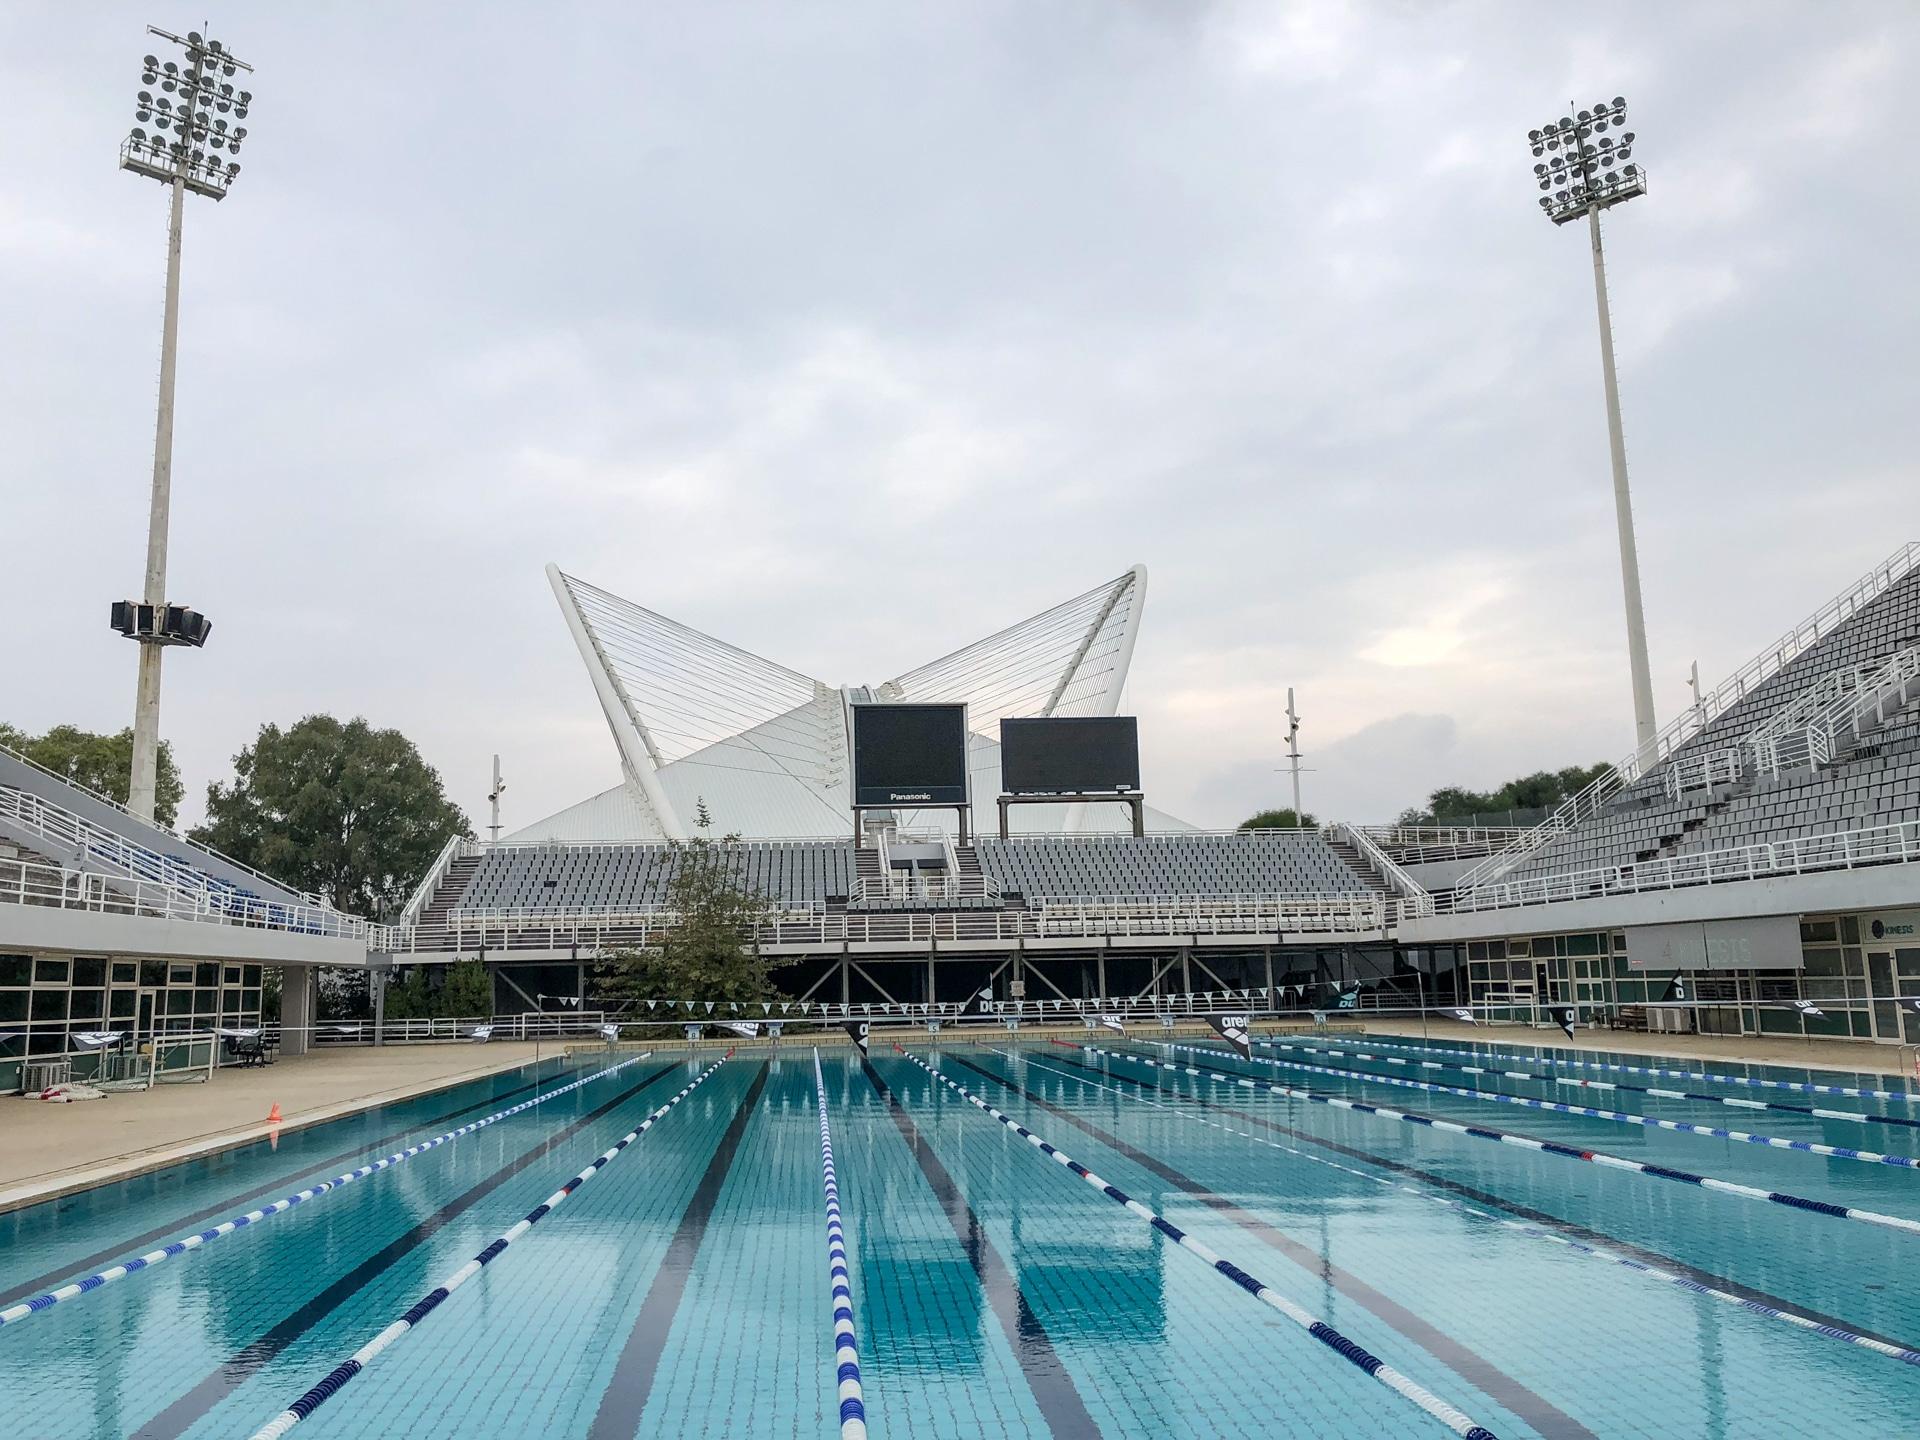 Basen olimpijski